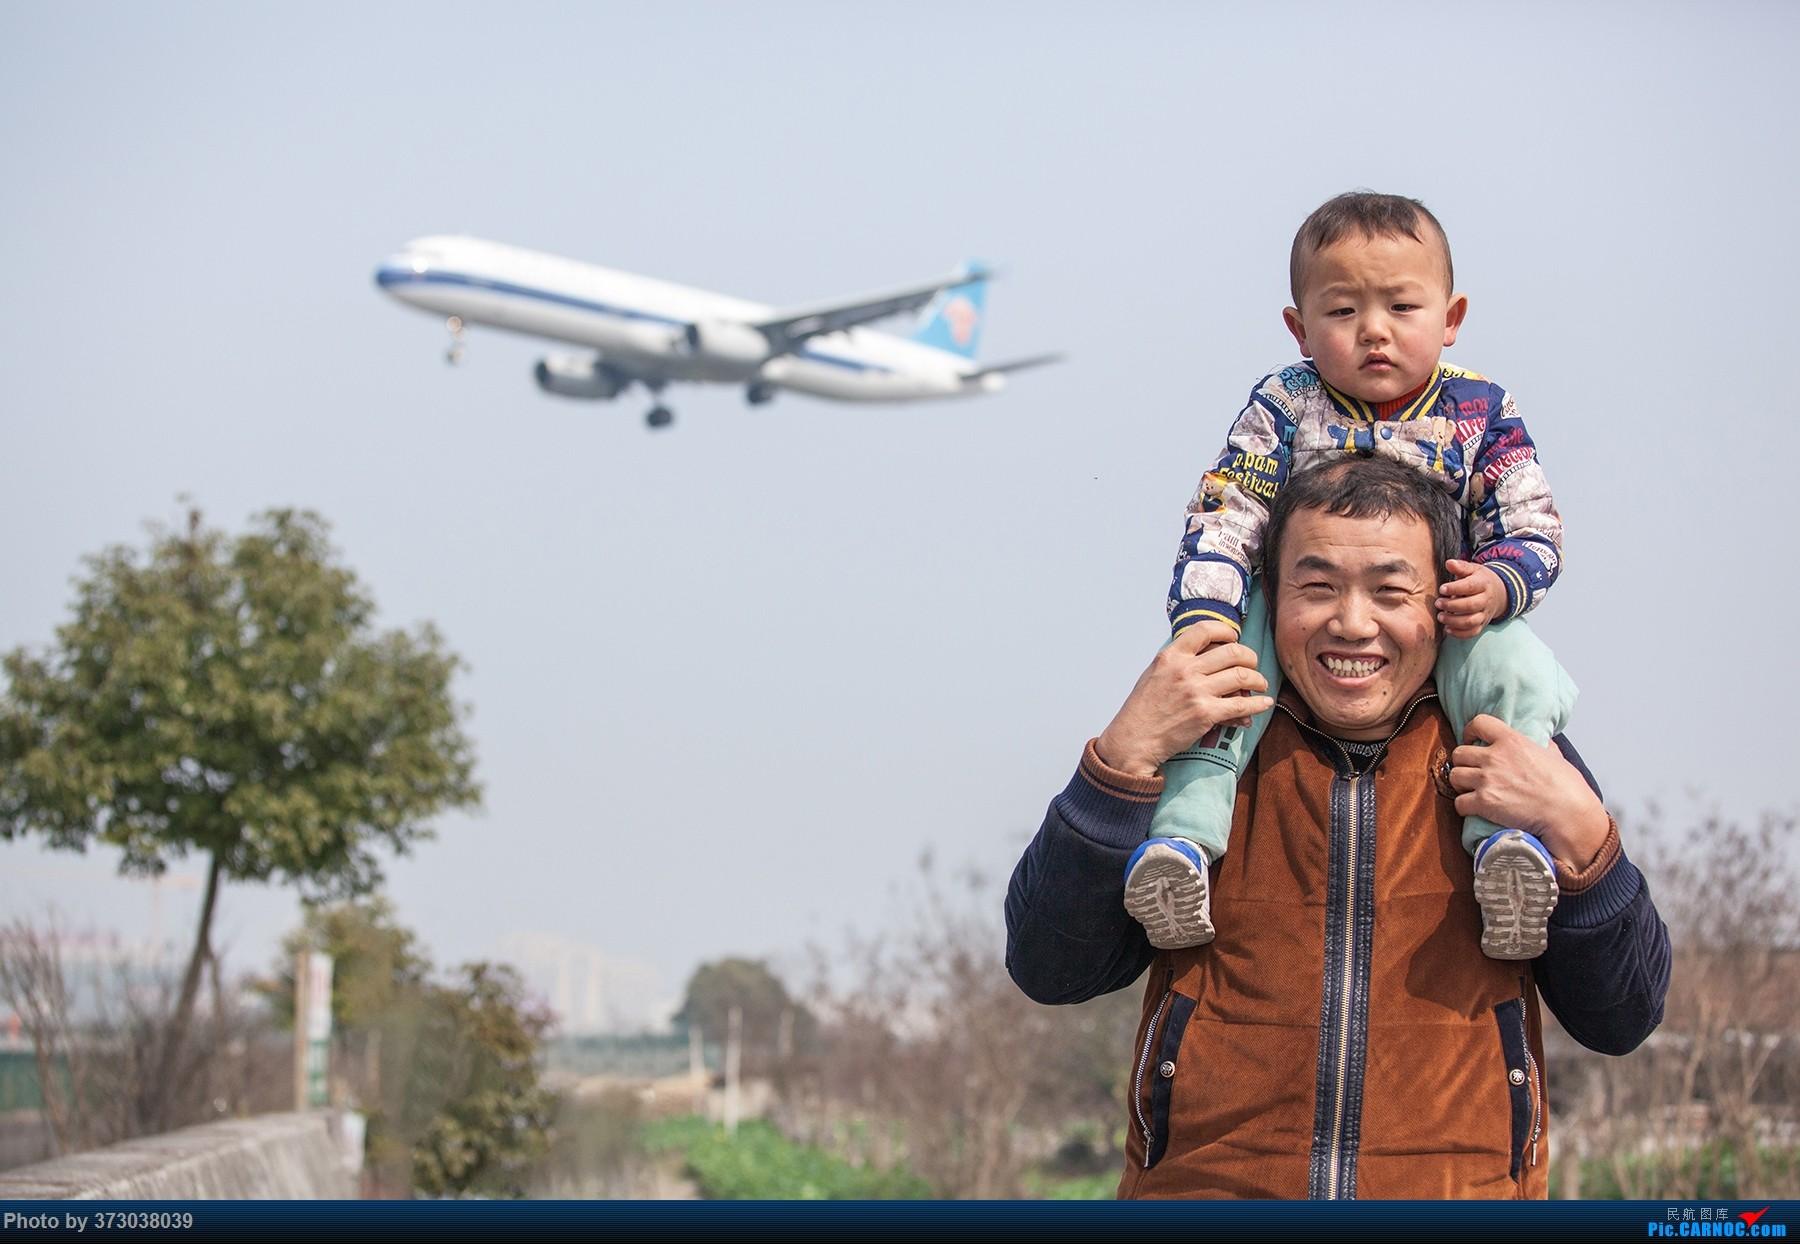 Re:[原创]【杭州飞友会】A320Neo迪士尼杭州萧山机场拍机班门弄斧记     飞友